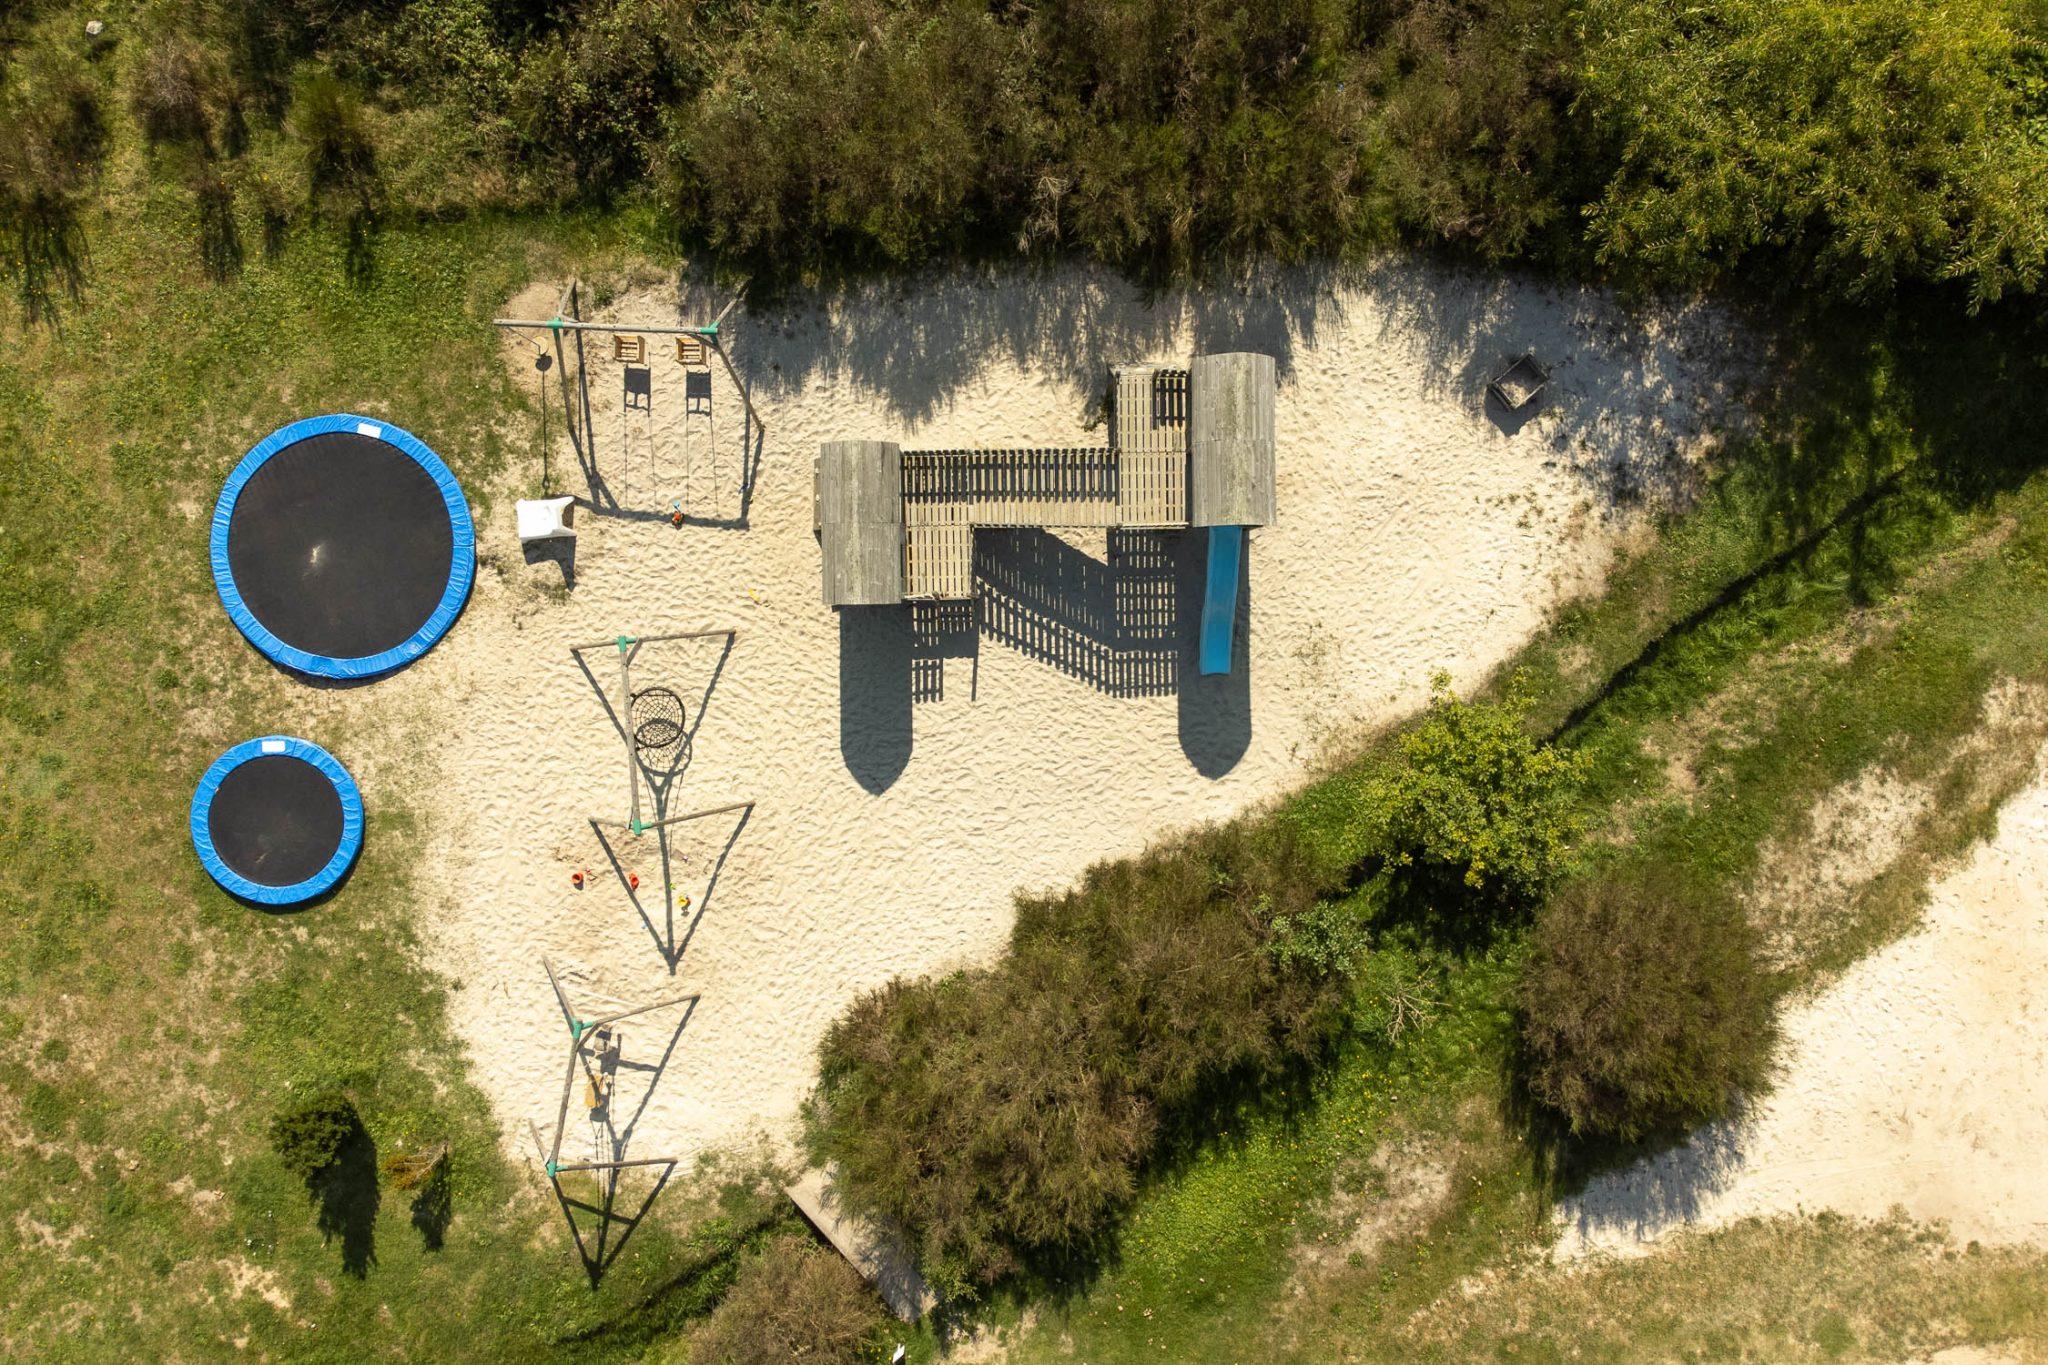 Cisowy Zakatek 6 - Cisowy Zakątek - niezwykłe domy nad morzem w Sasinie